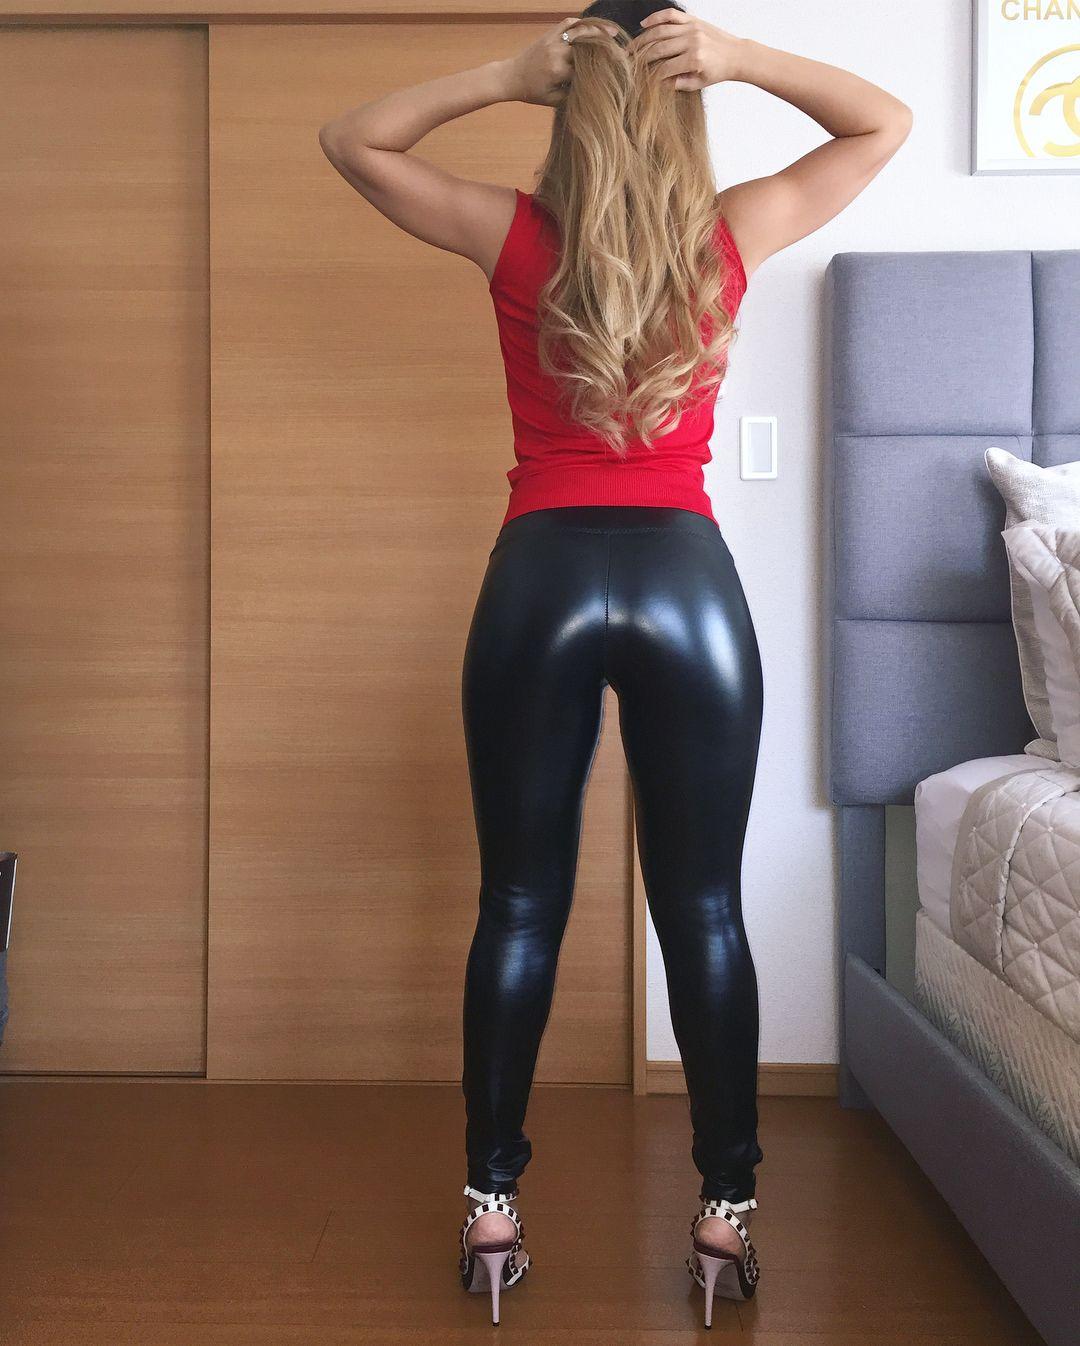 Sexy Blonde Teen Fat Ass